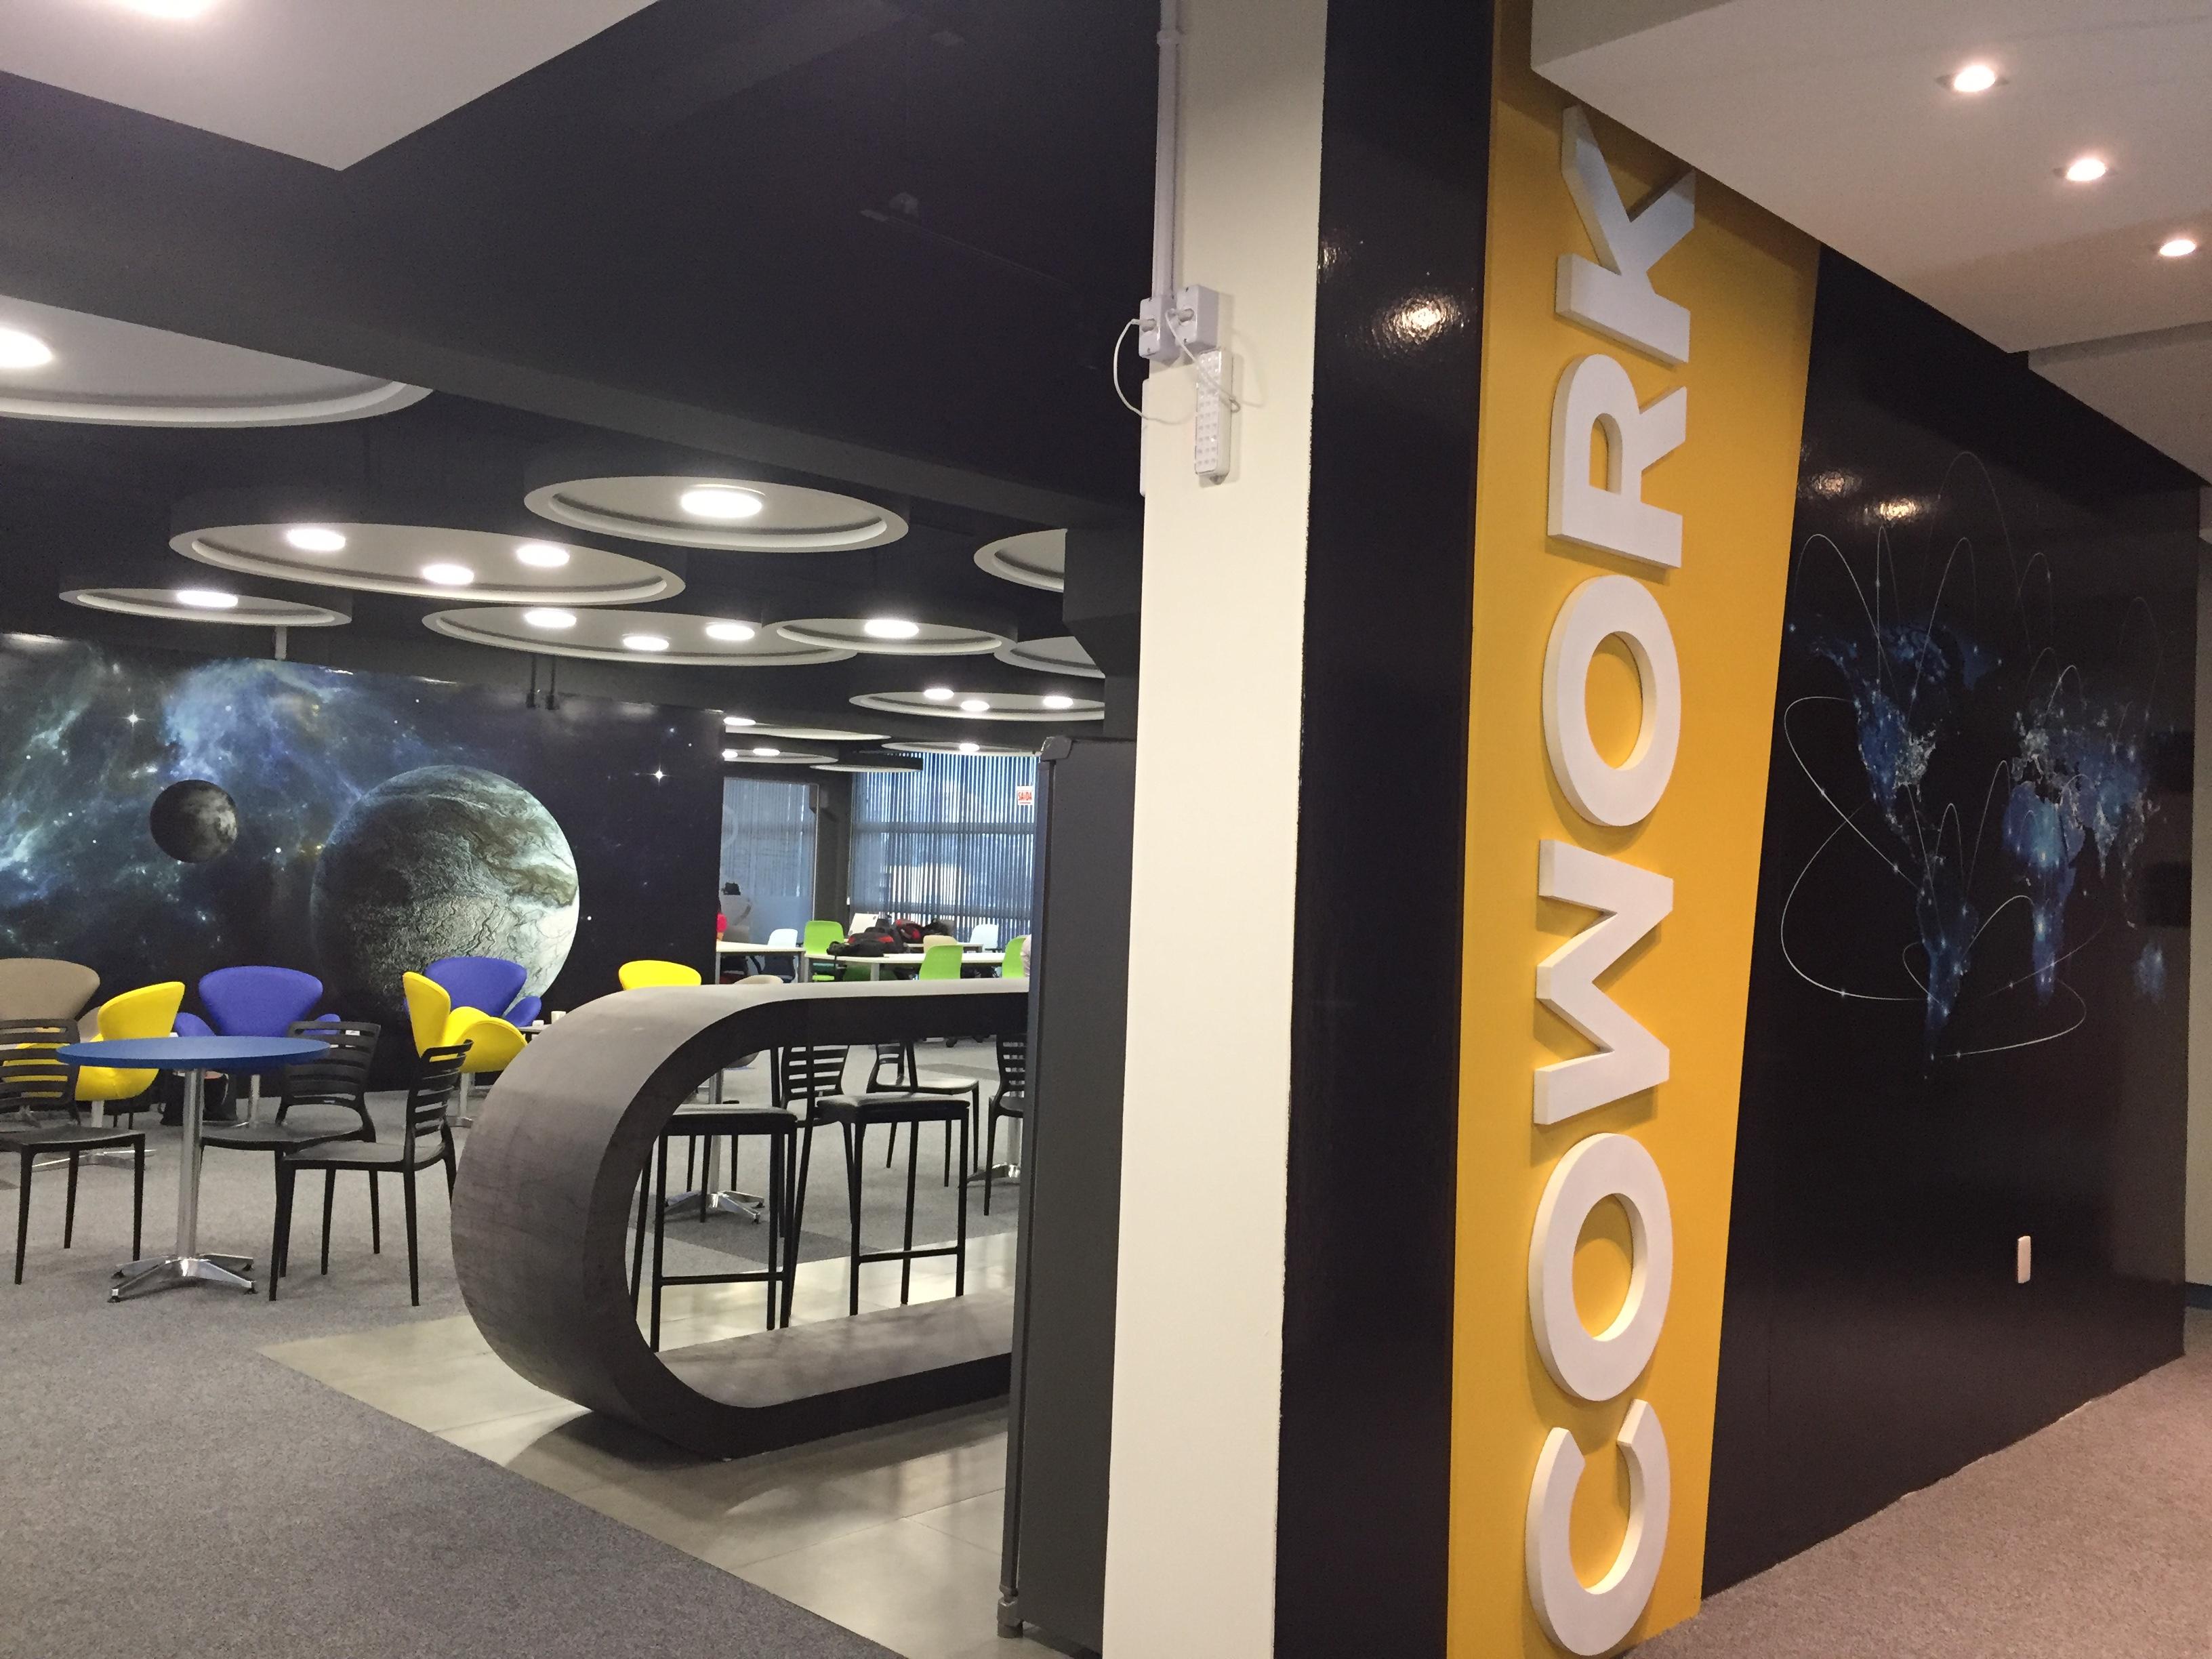 Visita Aos Habitats De Inovação E Empreendedorismo De Floripa: Comadre Cowork